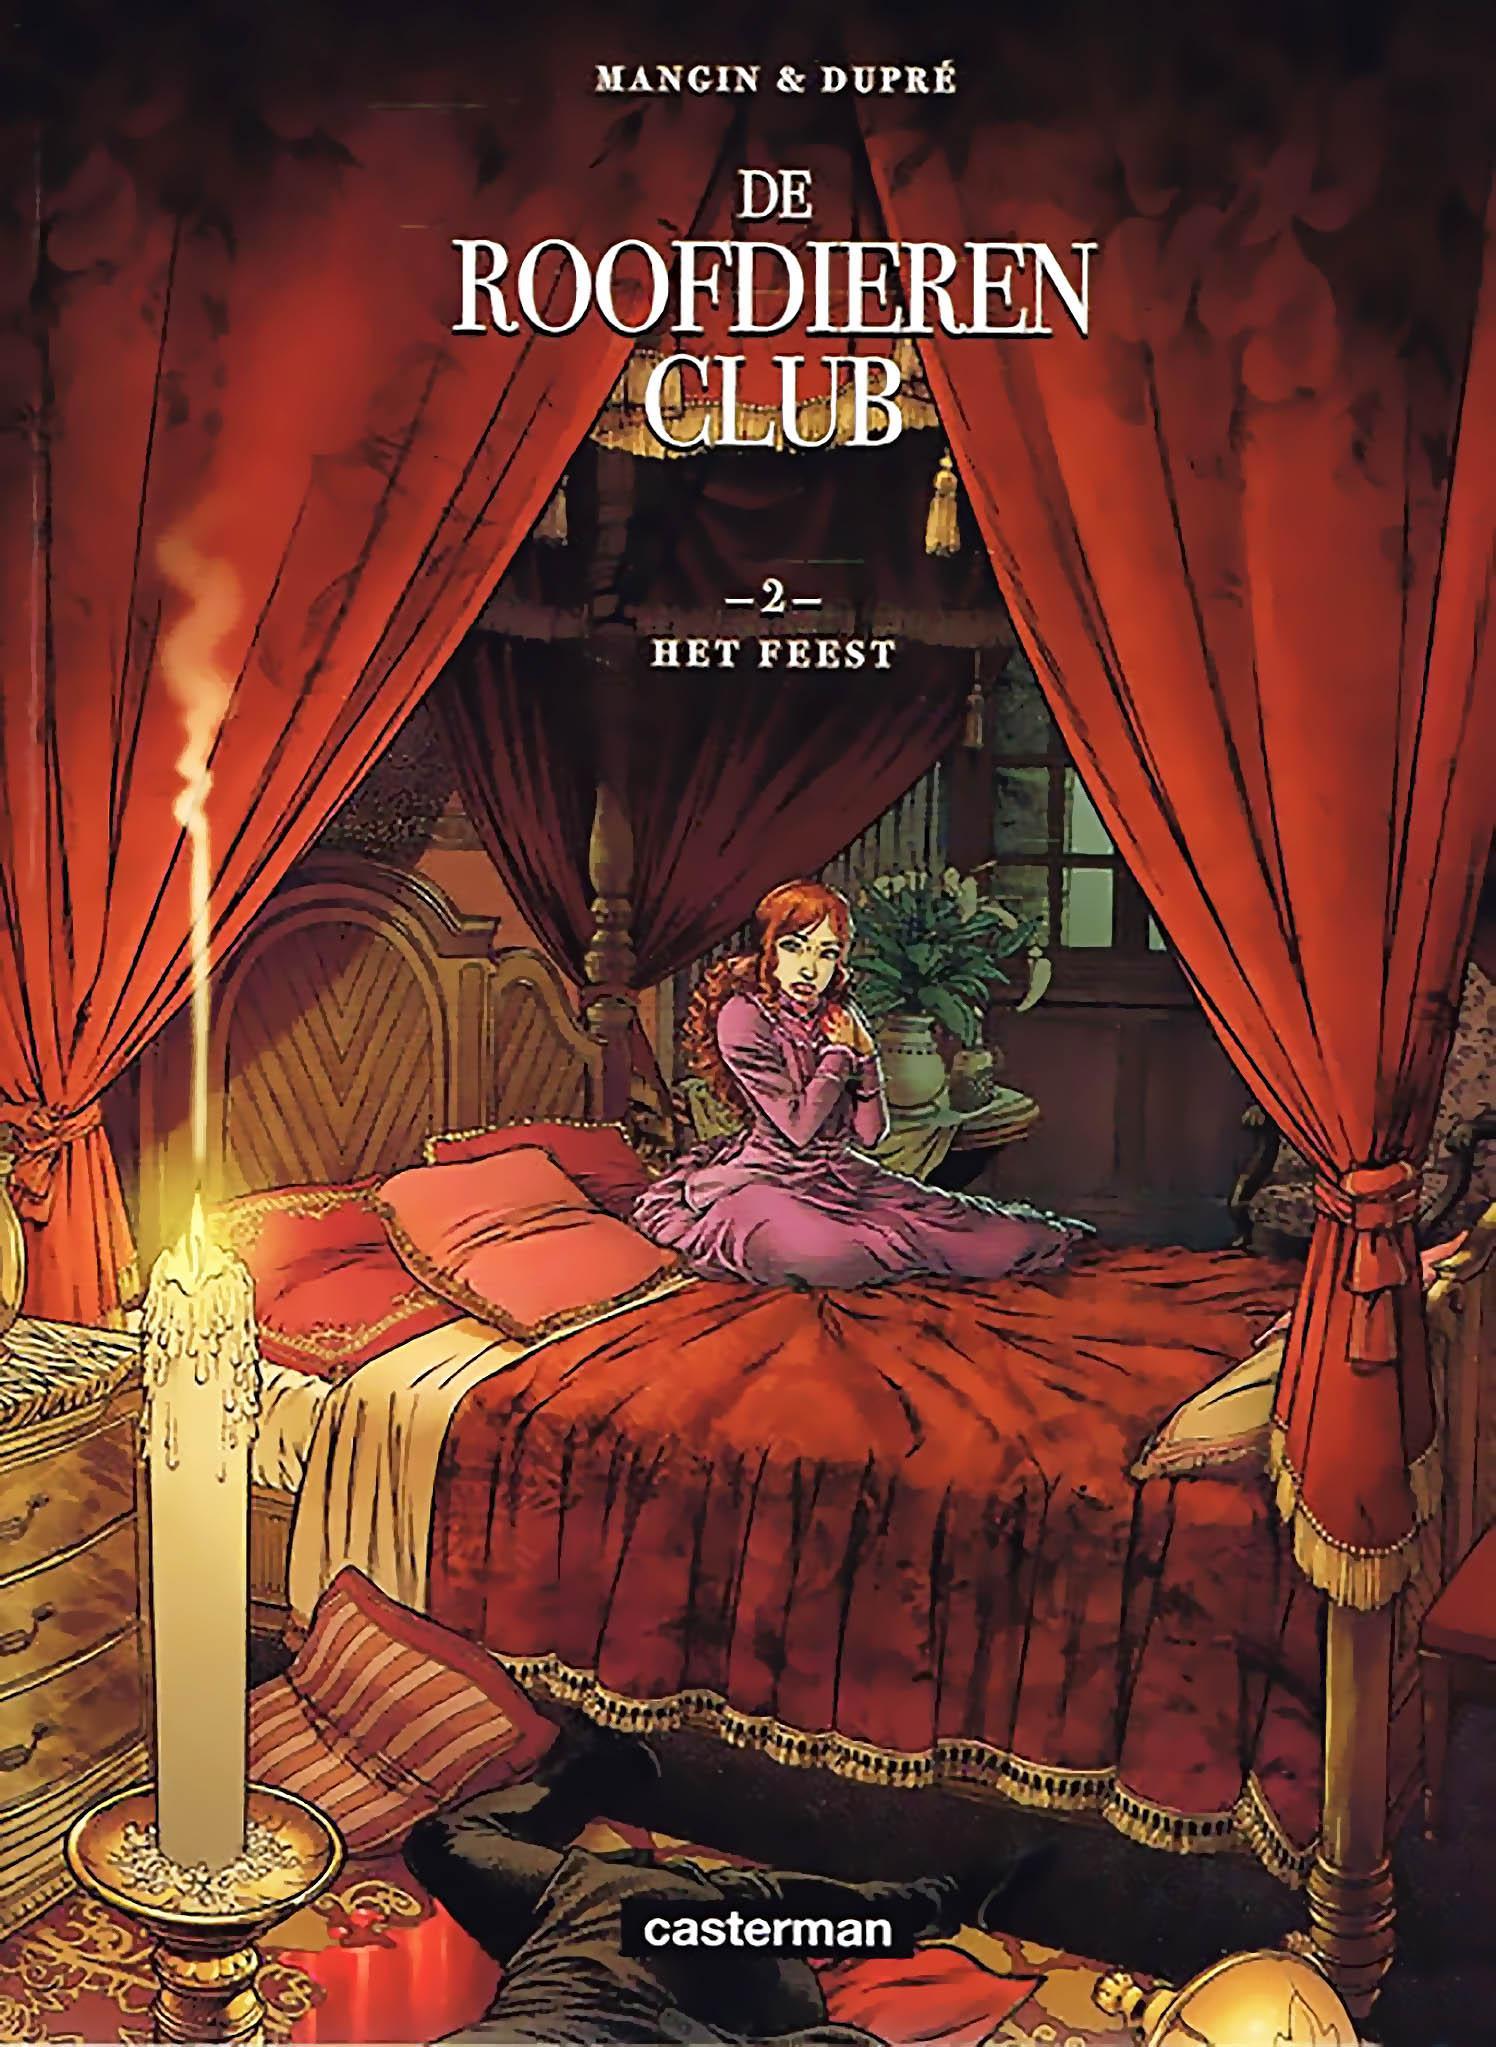 De Roofdieren Club - 02 - Het Feest